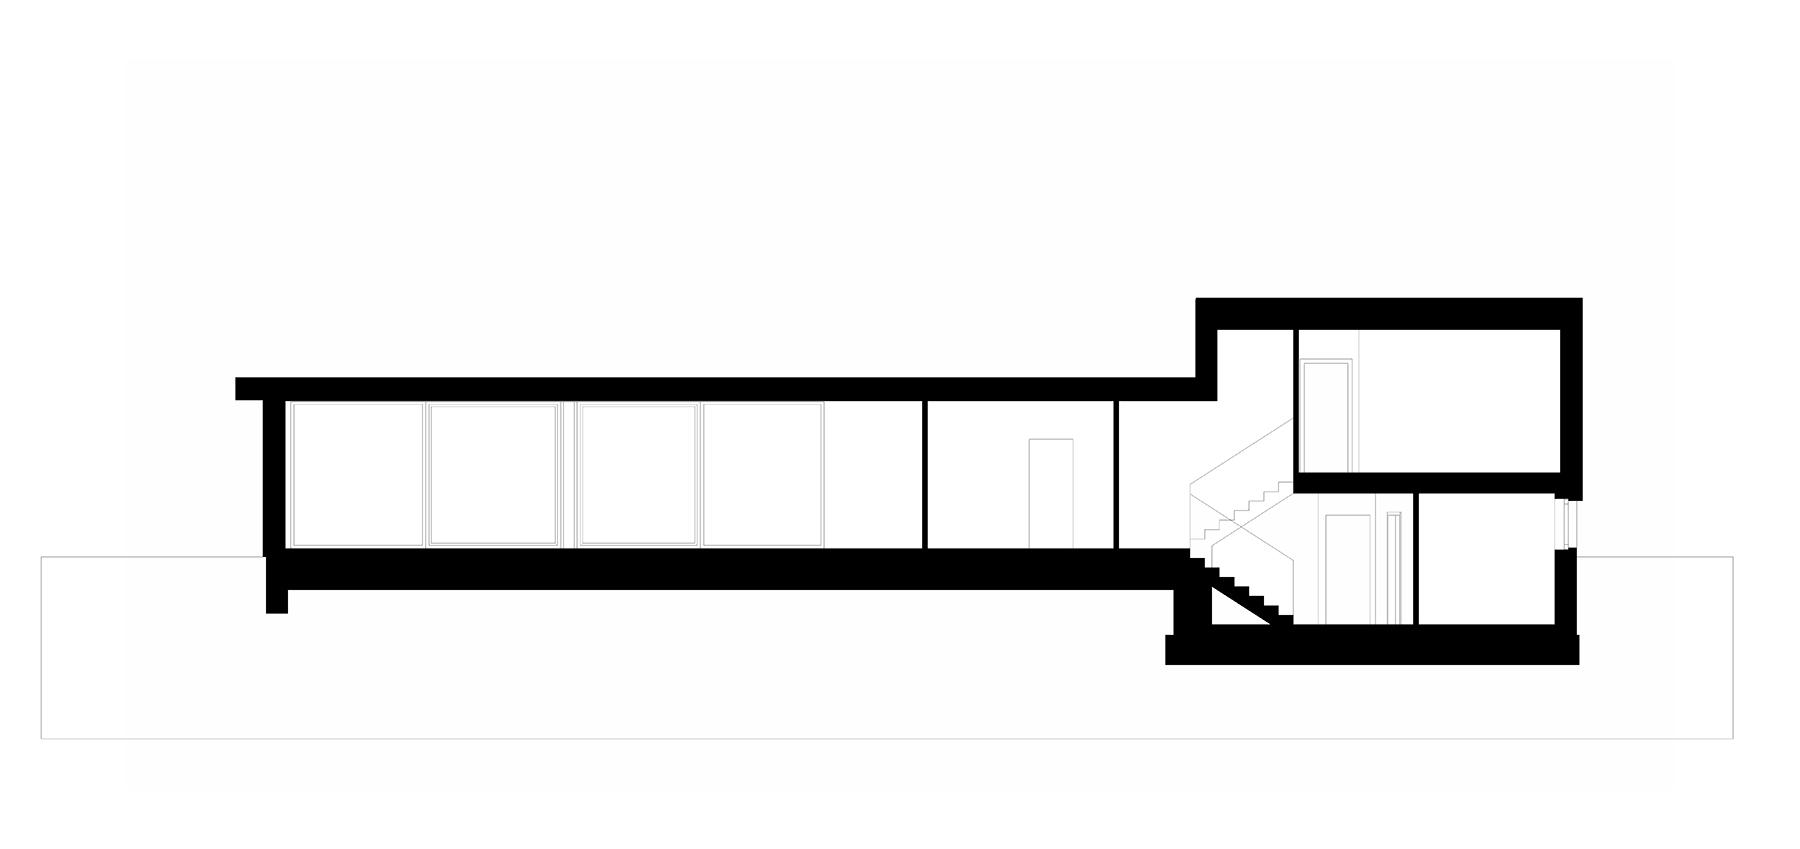 wunschhaus-haus-F88a-plan-Schnitt